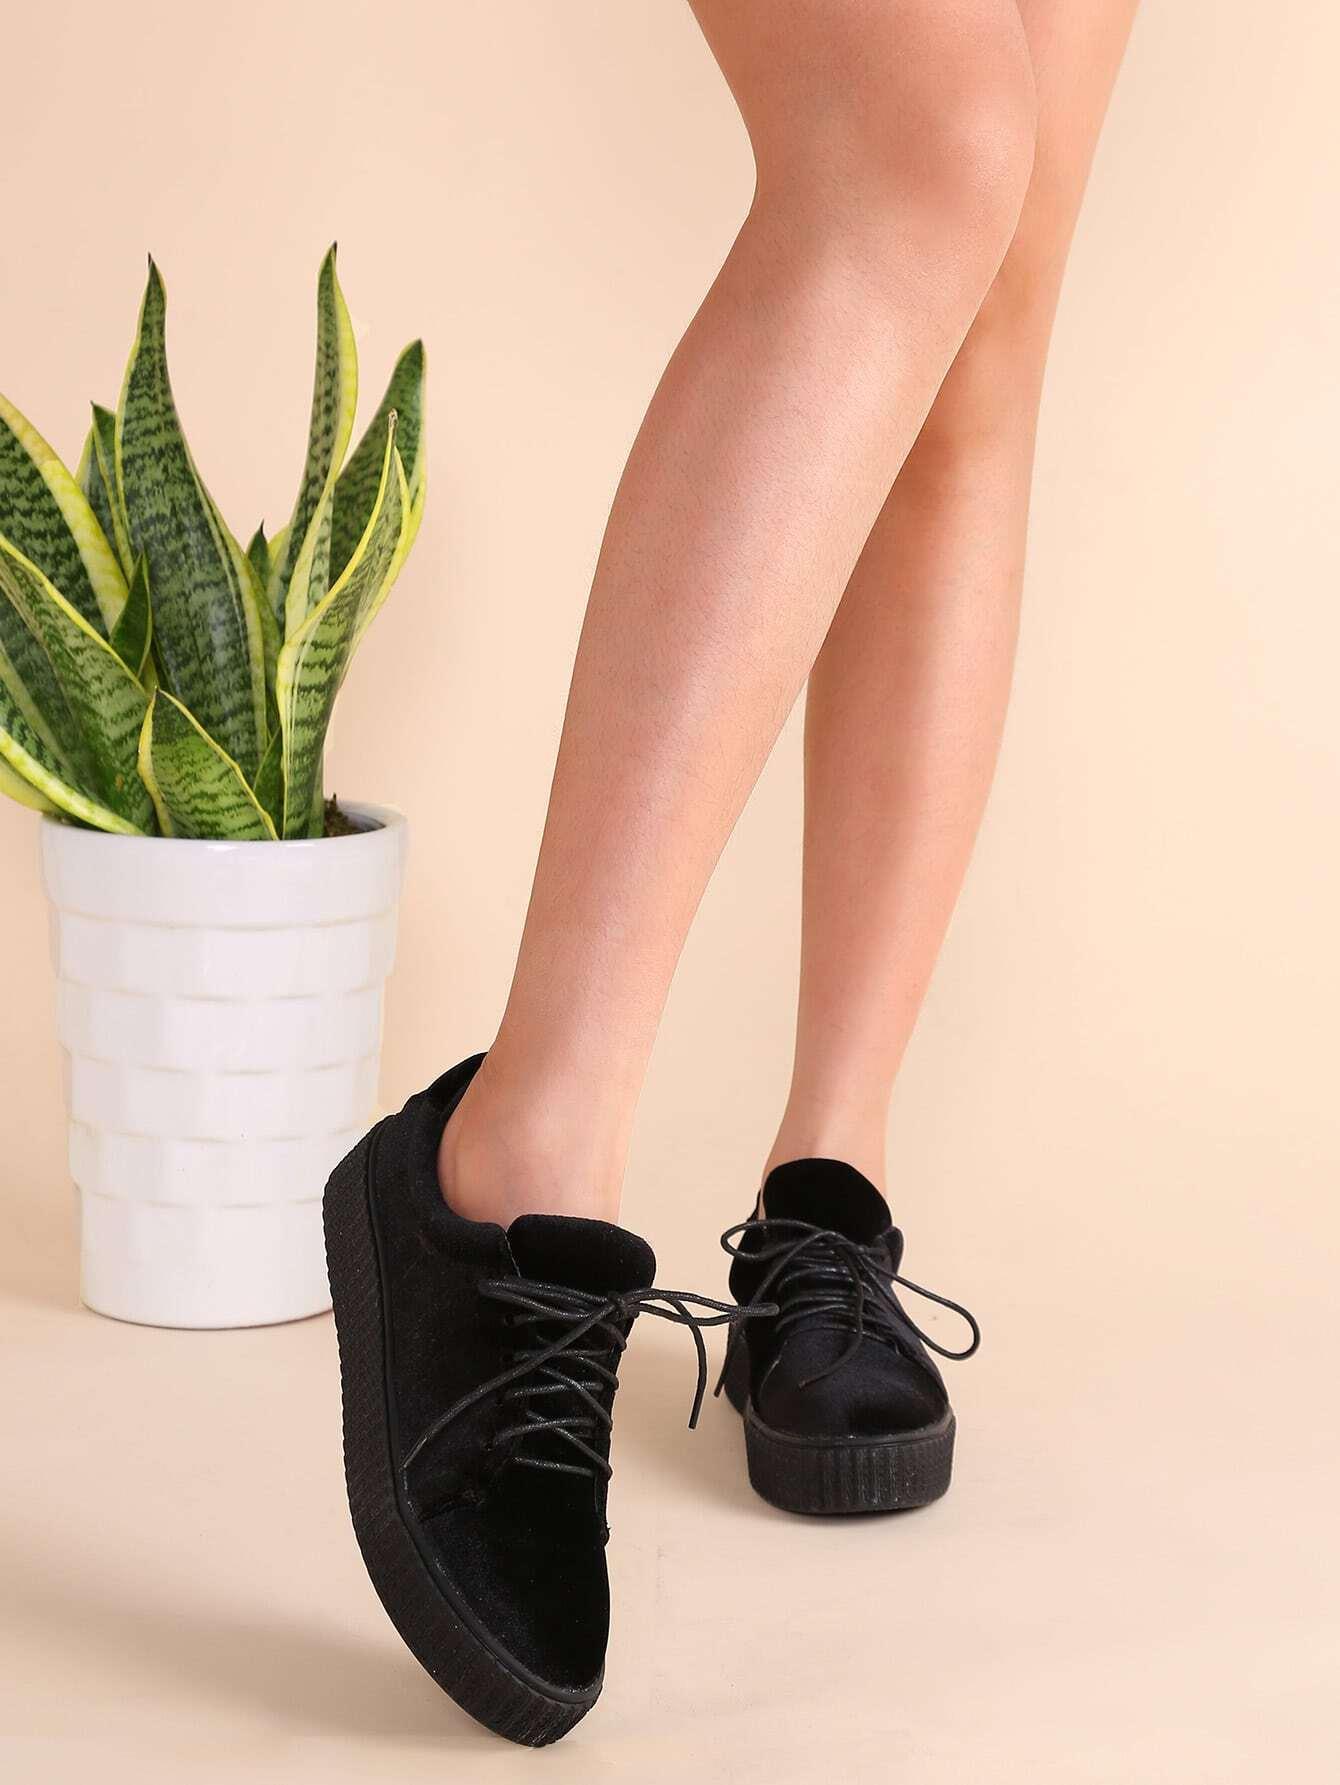 shoes161212803_2